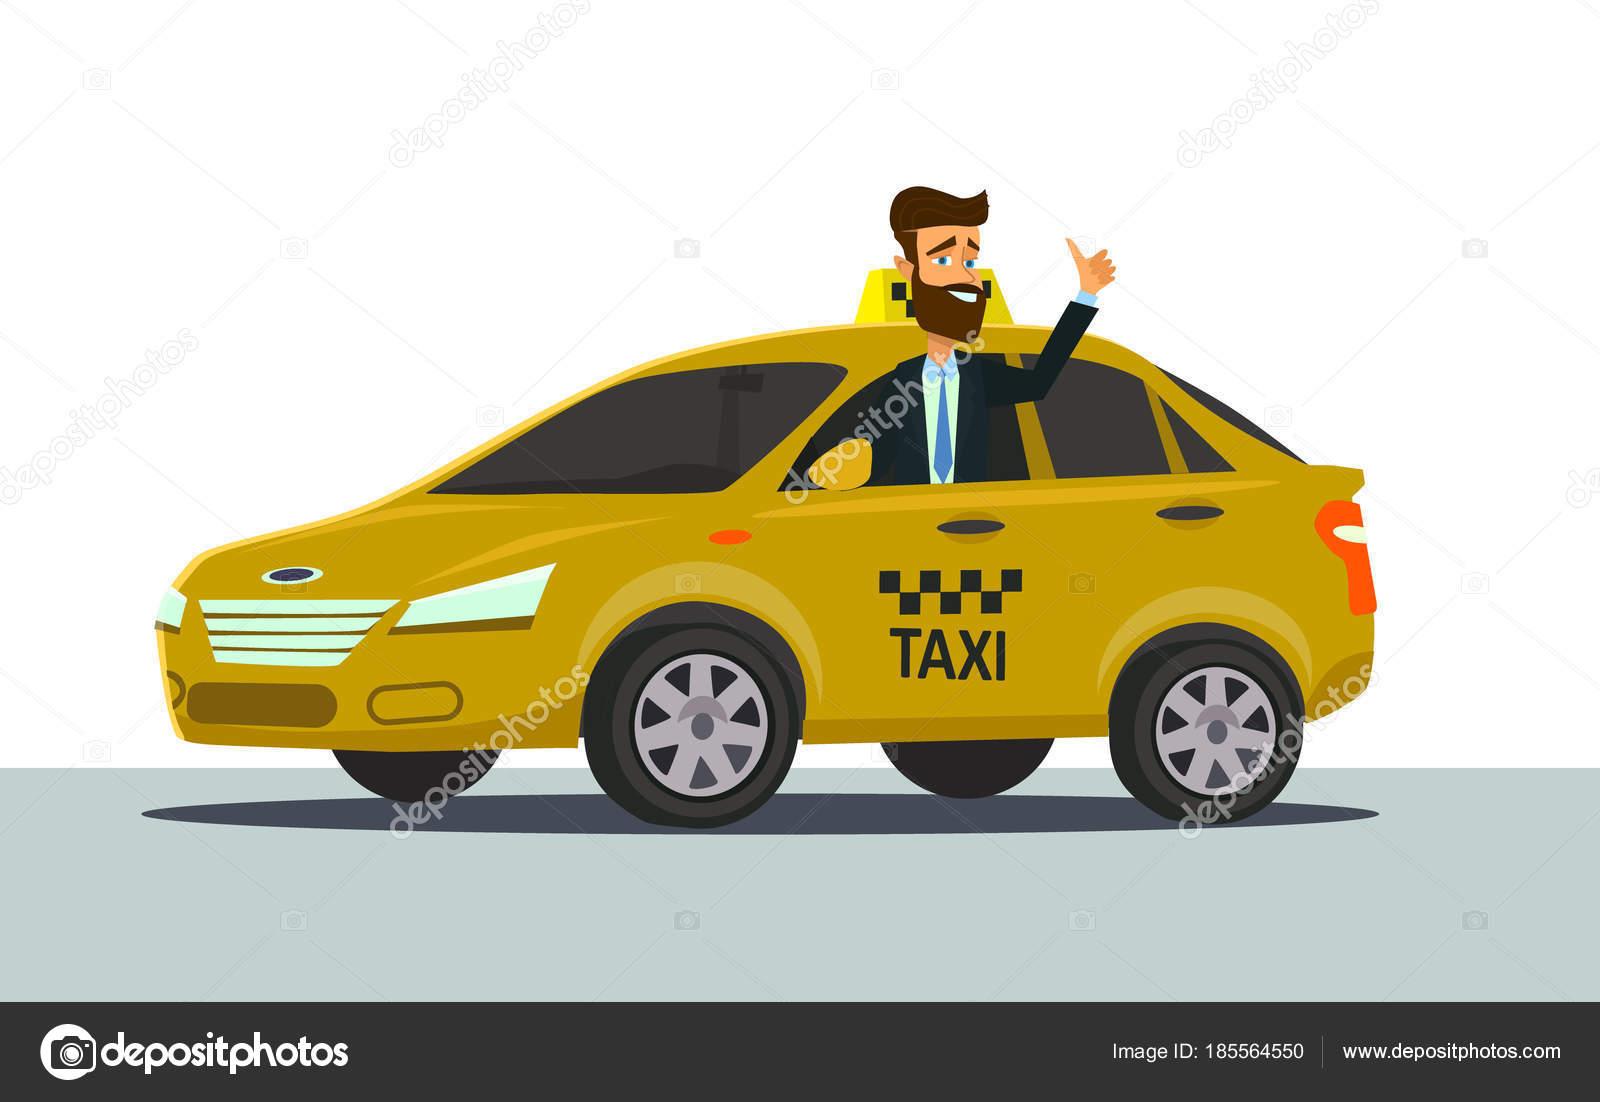 основное, профессия такси картинки посещения забудьте